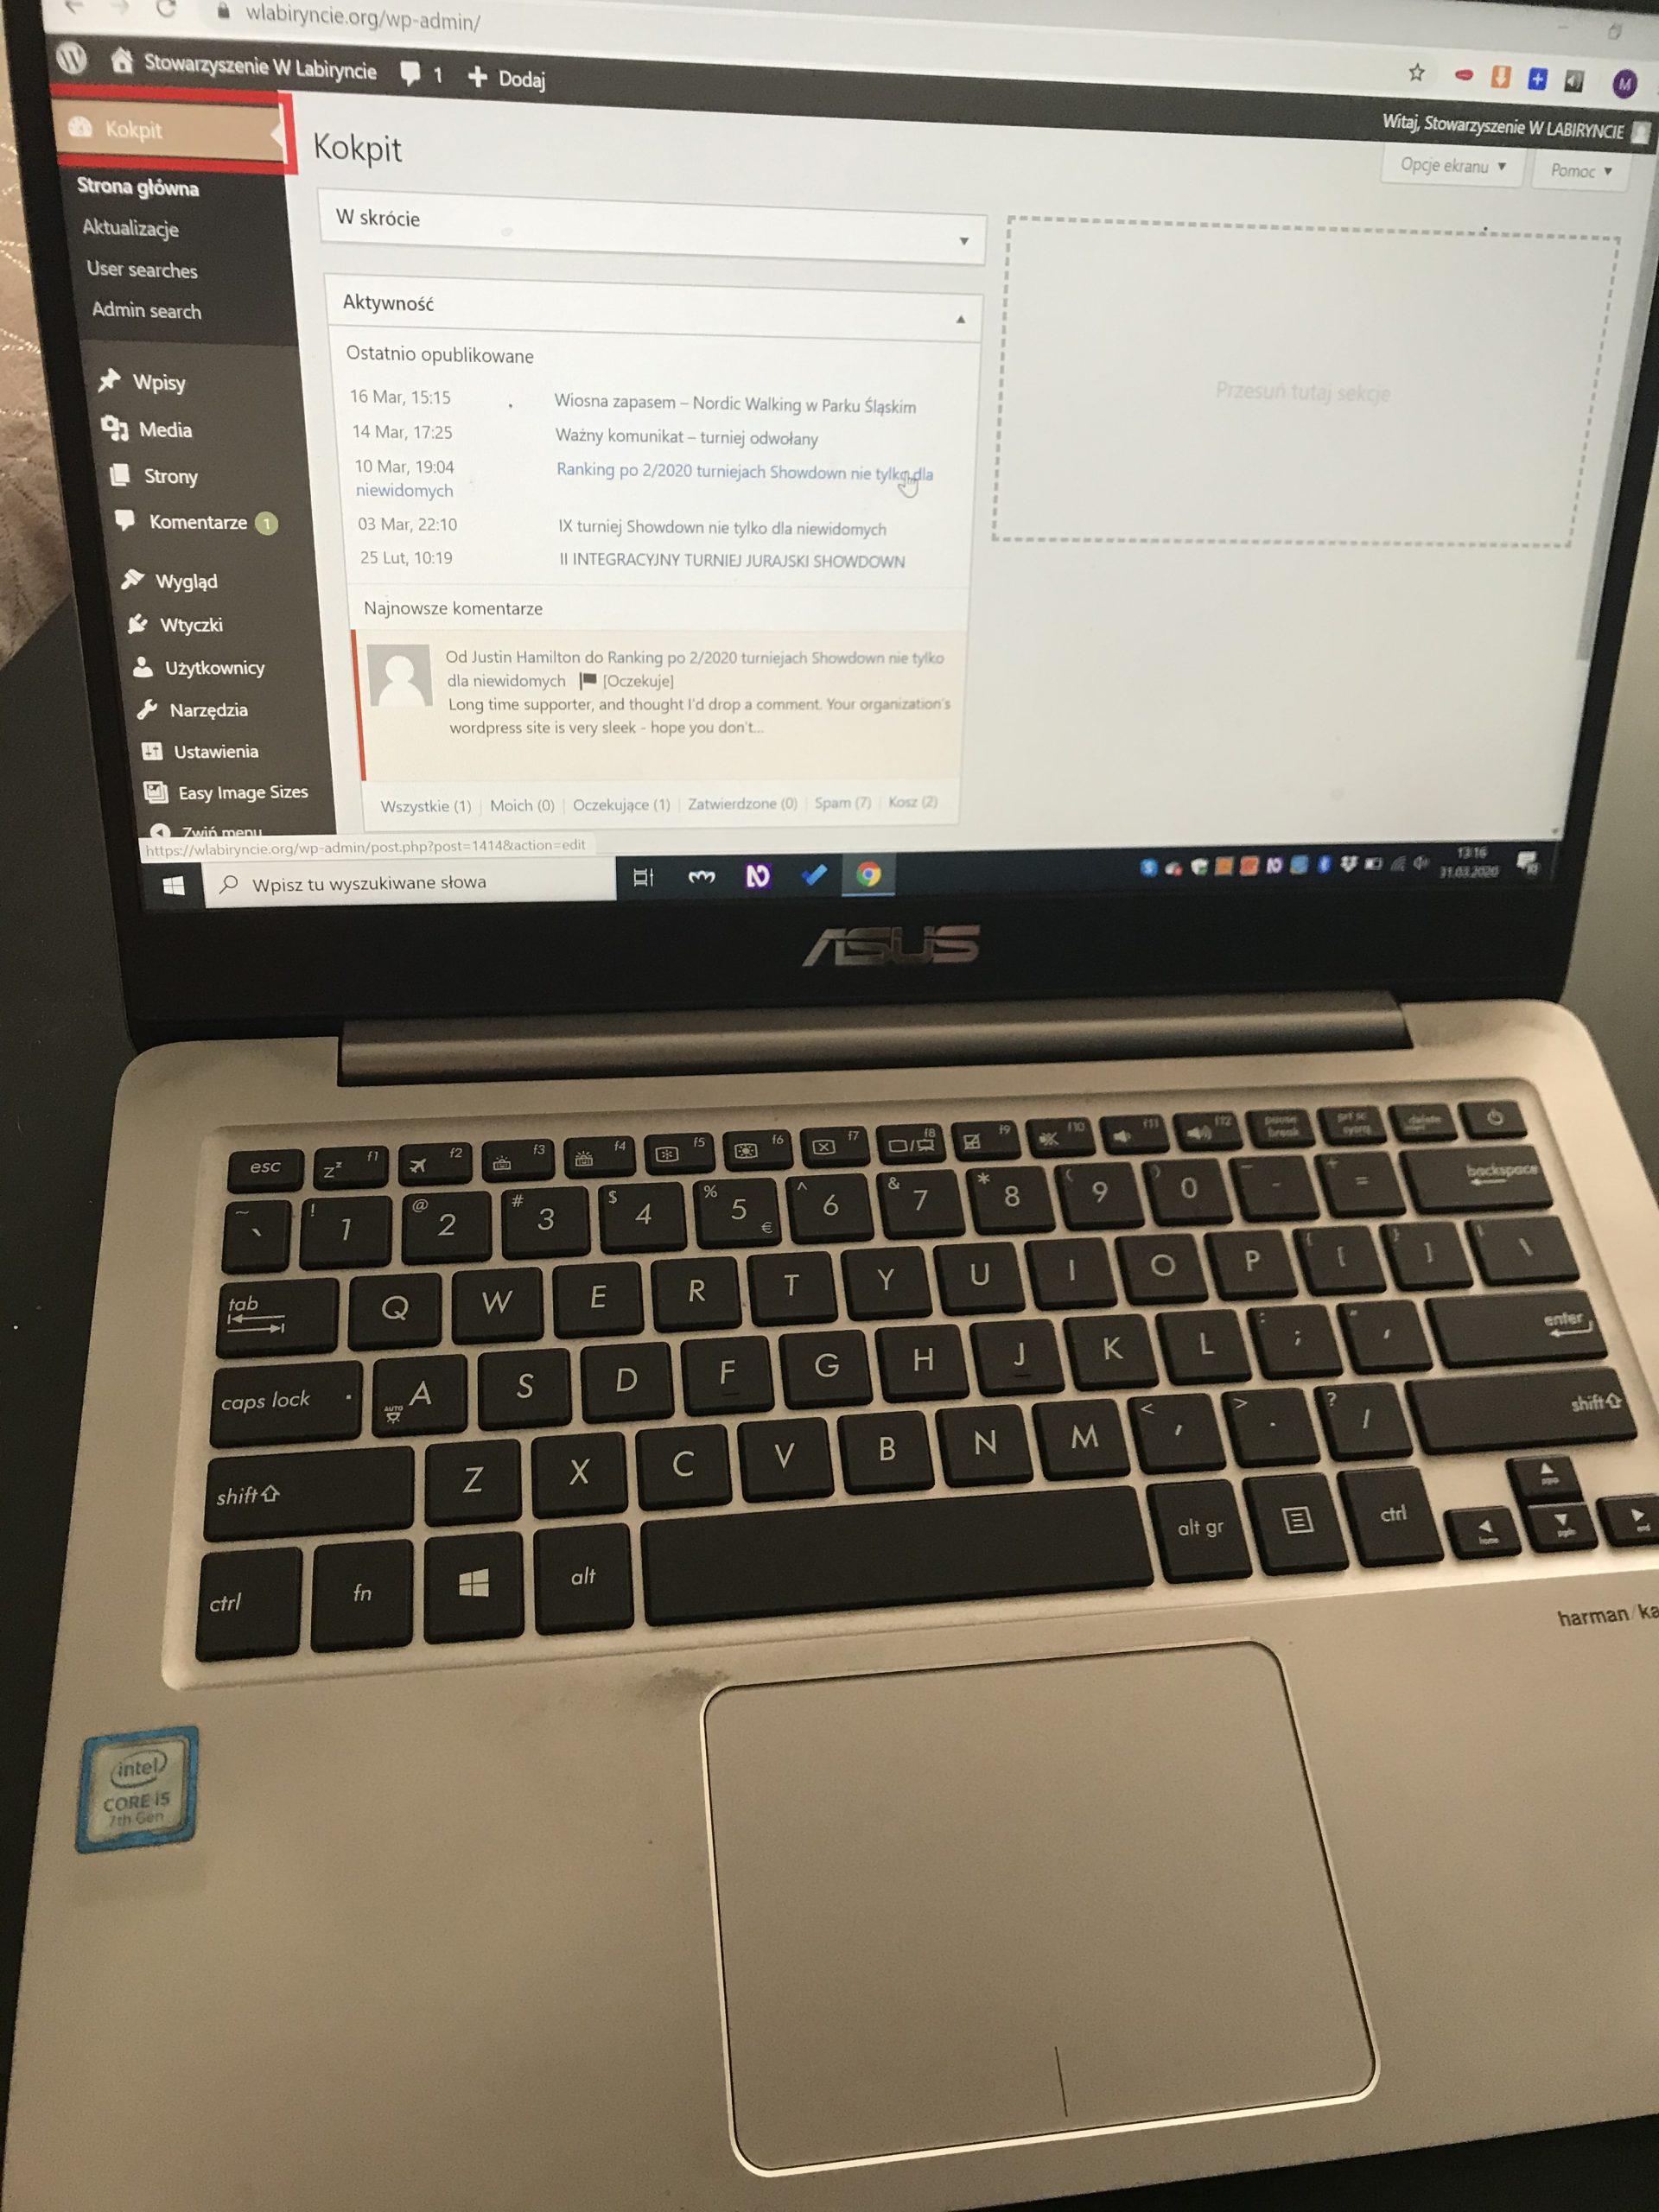 Na zdjęciu otwarty laptop, na ekranie widoczny Kokpit strony internetowej wlabiryncie.org.